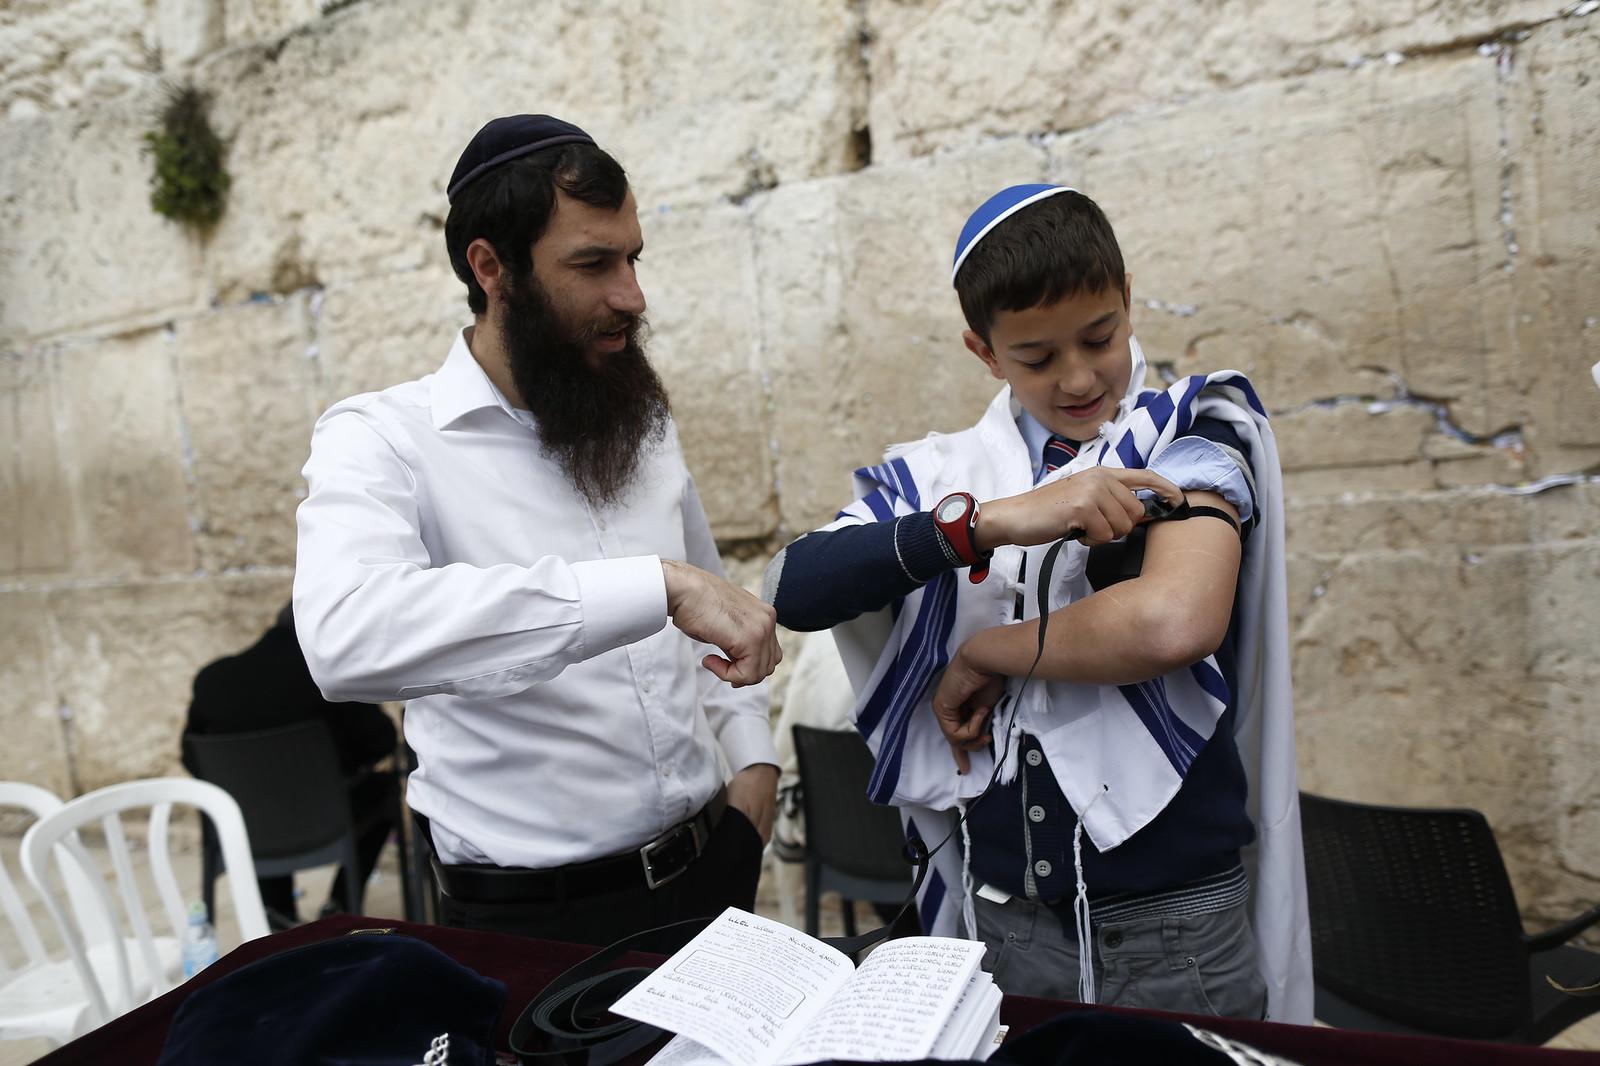 Bar Mitzvah 18_Jerusalem_Y9A9689_Yonatan Sindel_Flash 90_IMOT